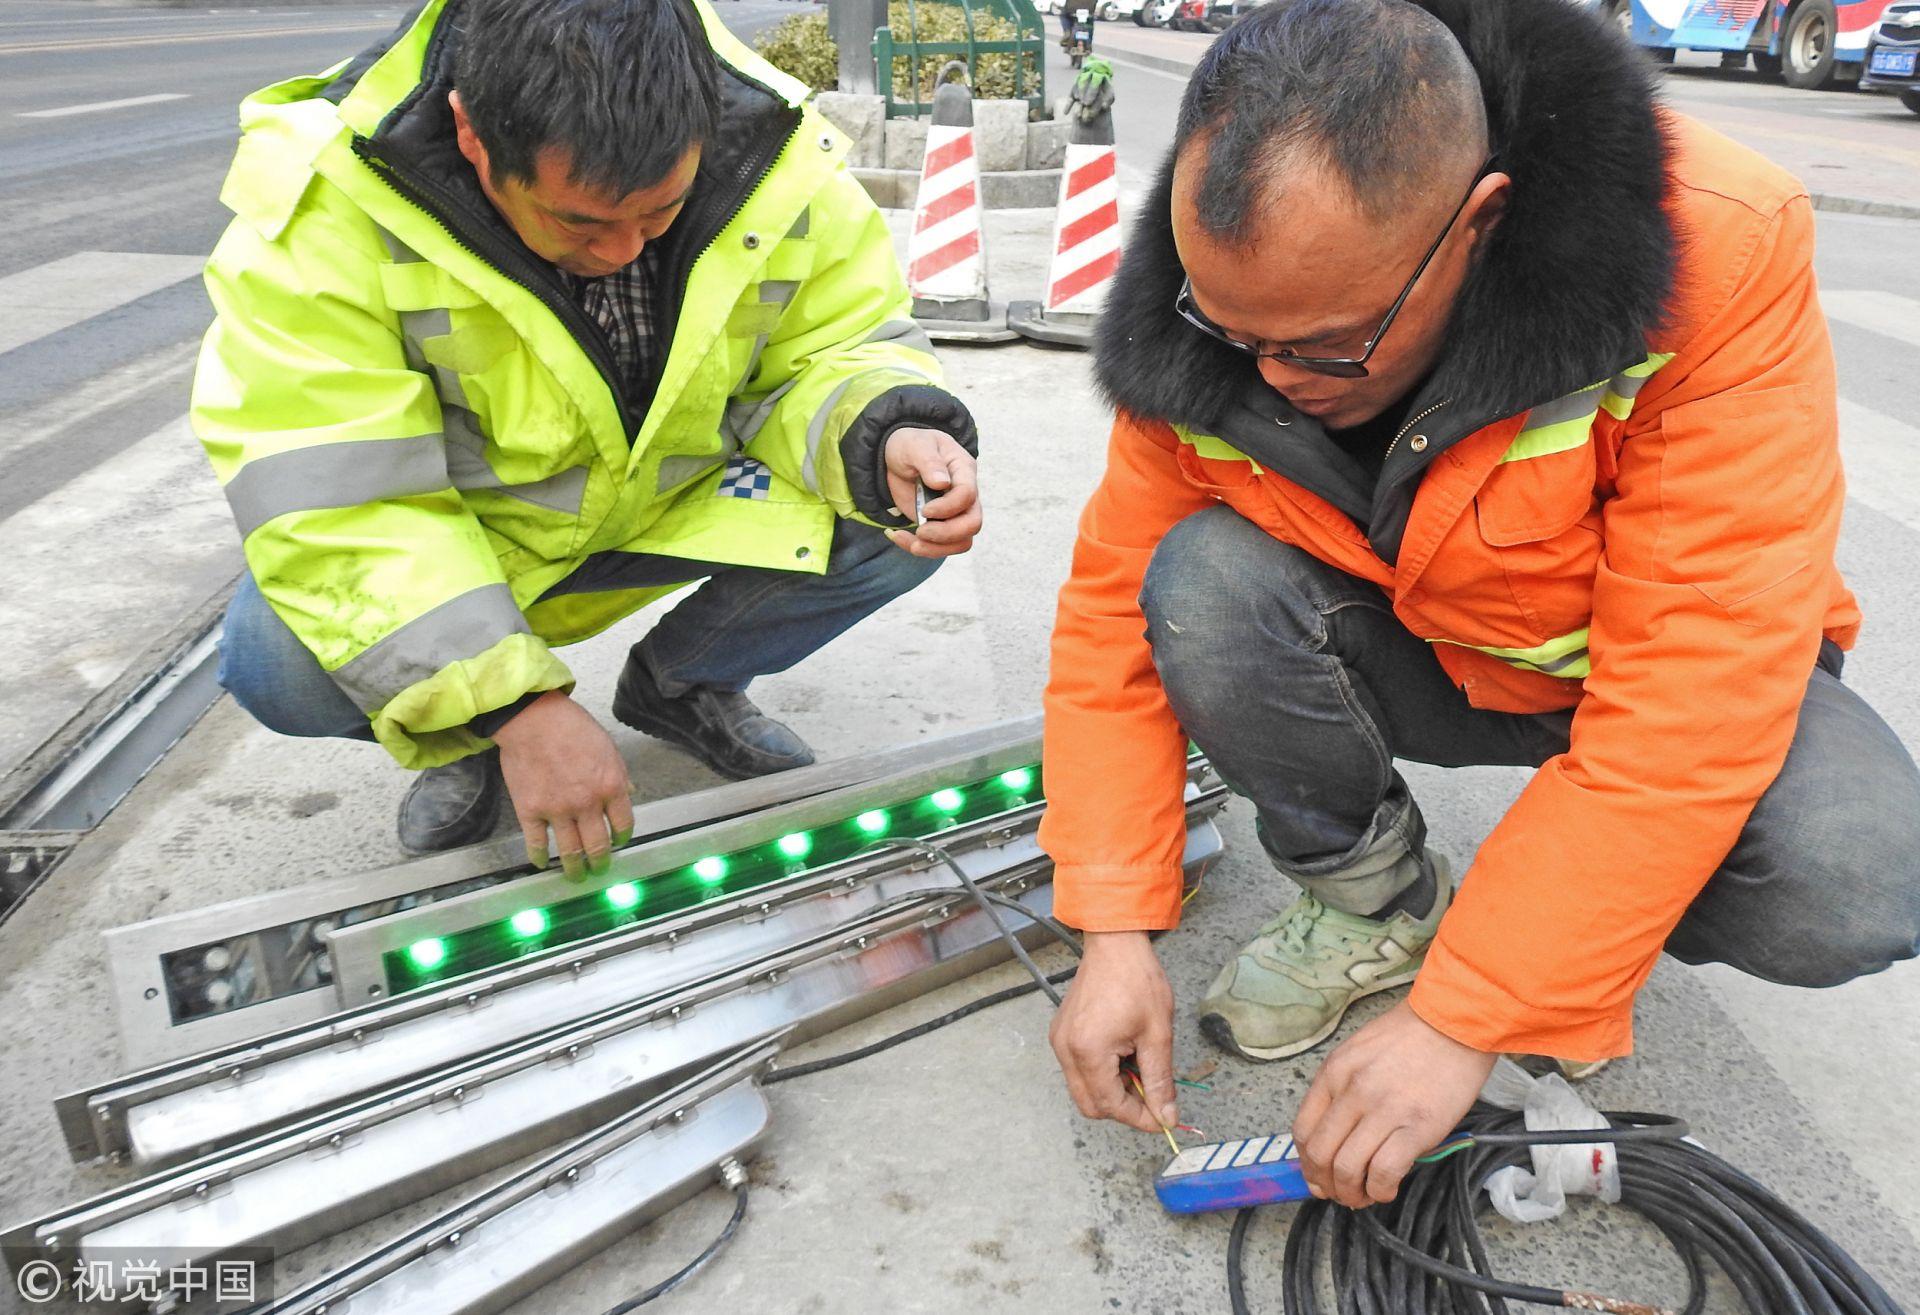 江苏连云港,工人正在安装和调试地埋式智能斑马线系统